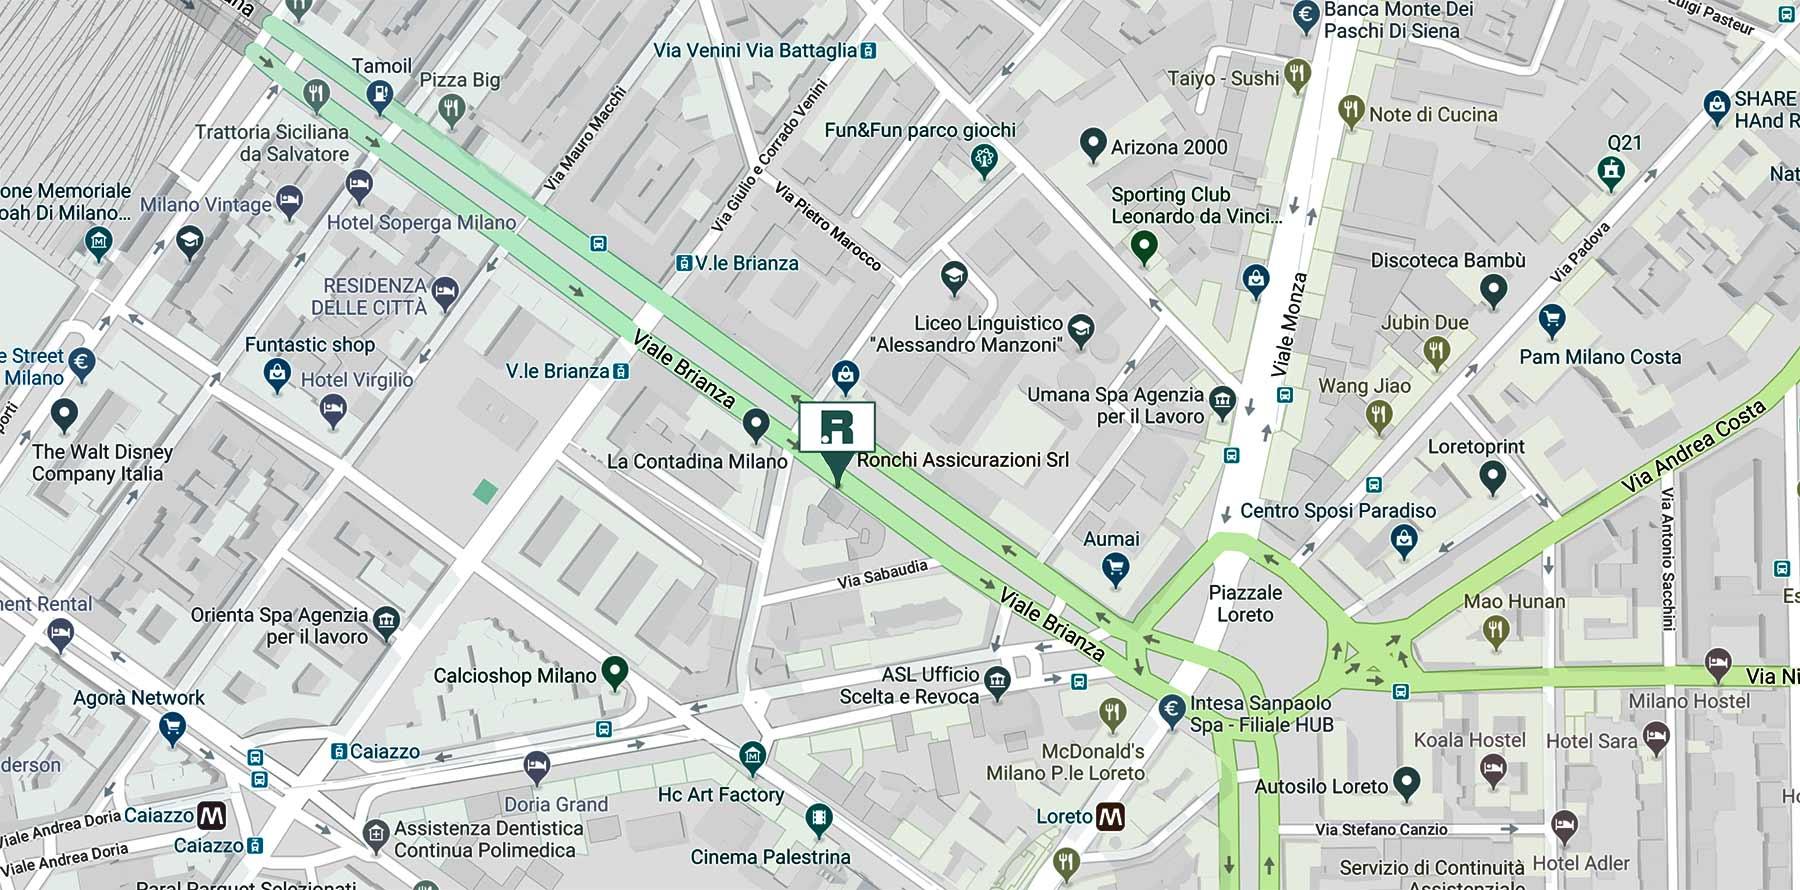 Ronchi Assicurazioni - Mappa viale Brianza 11 Milano